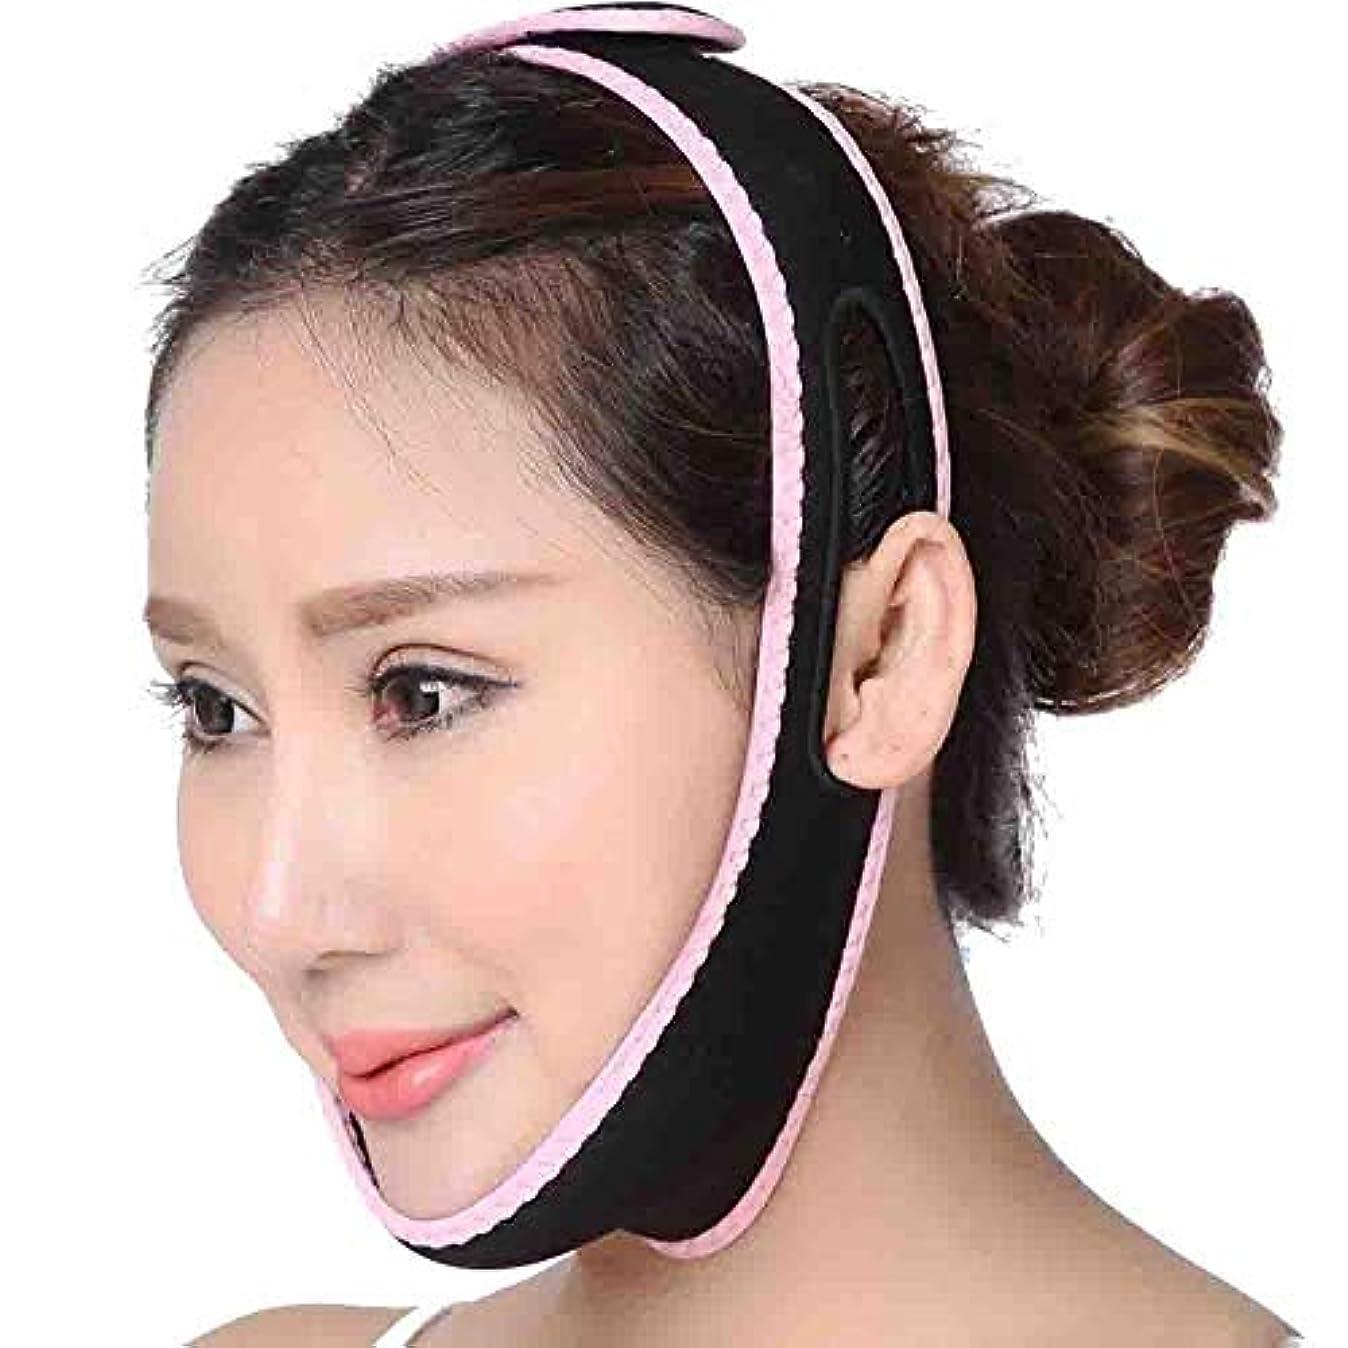 冷淡な間隔反対にフェイスリフティング包帯、顔の矯正V字型で肌の弾力性を高めます (Color : Black)